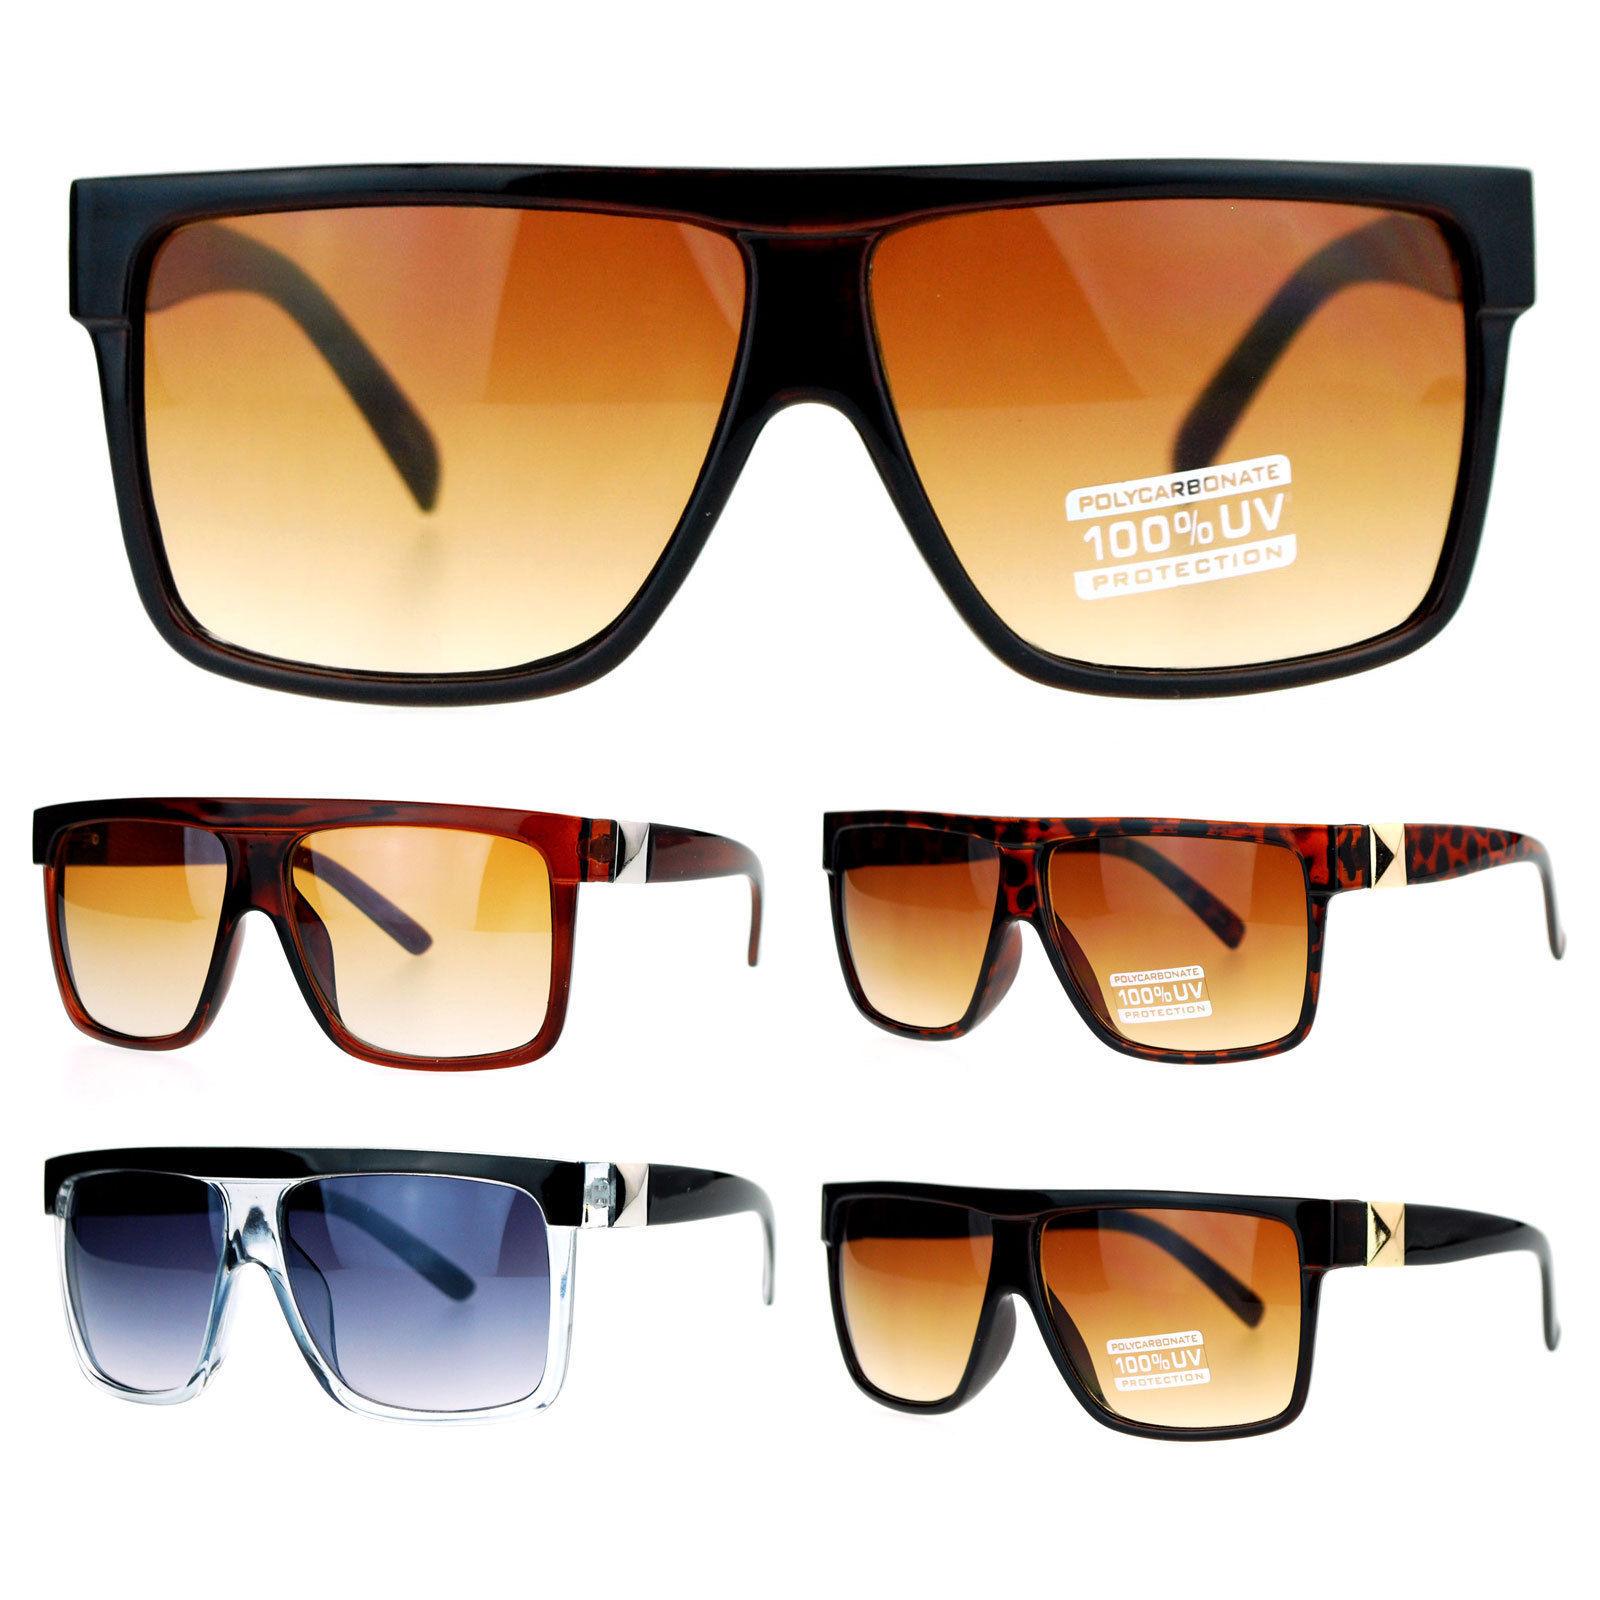 bed53868c75 S l1600. S l1600. Previous. SA106 Flat Top Plastic Mob Pyramid Stud Trim  Gangster Gradient Lens Sunglasses